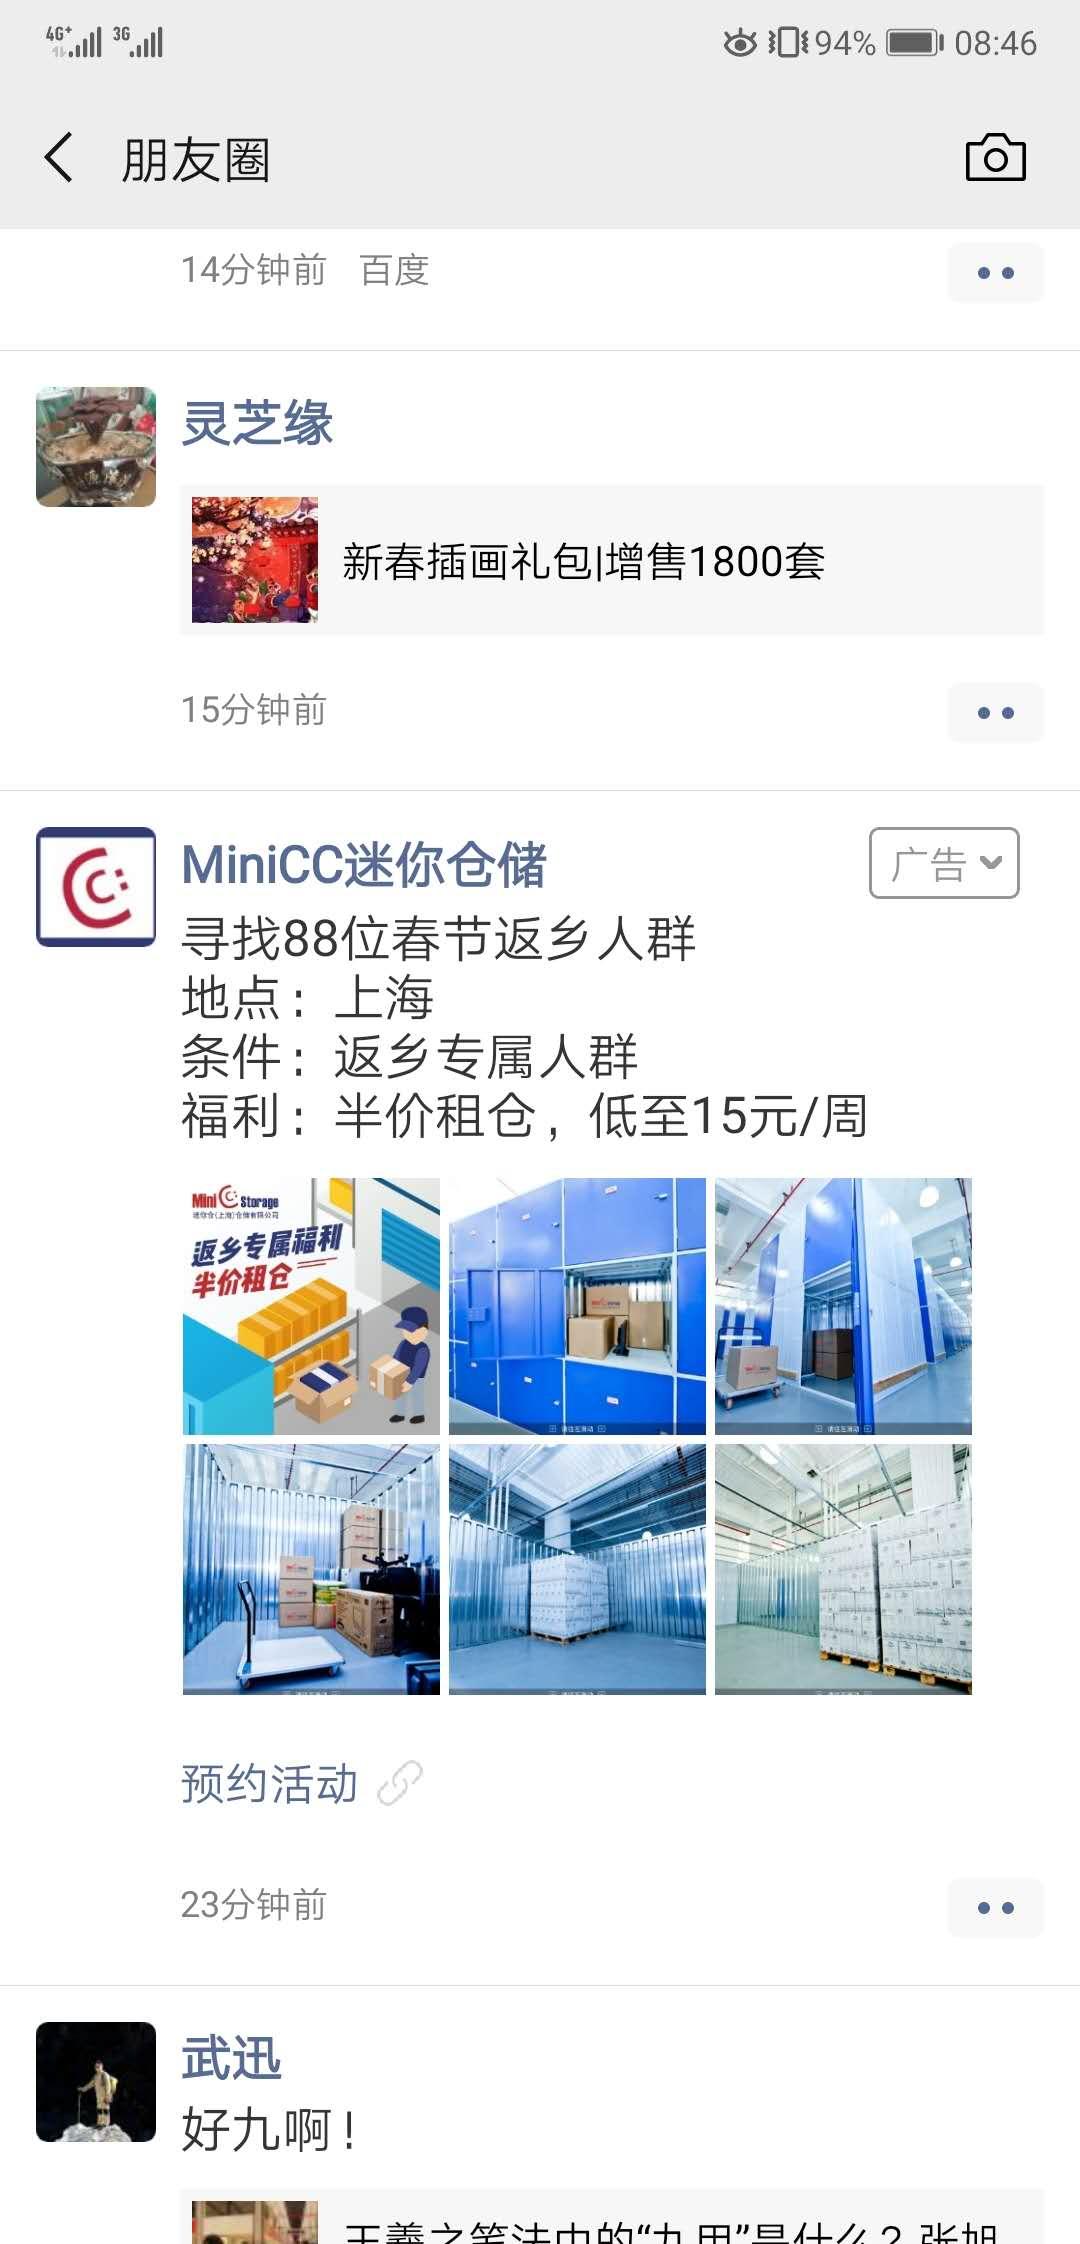 迷你仓储的微信朋友圈广告,储物不是难题!